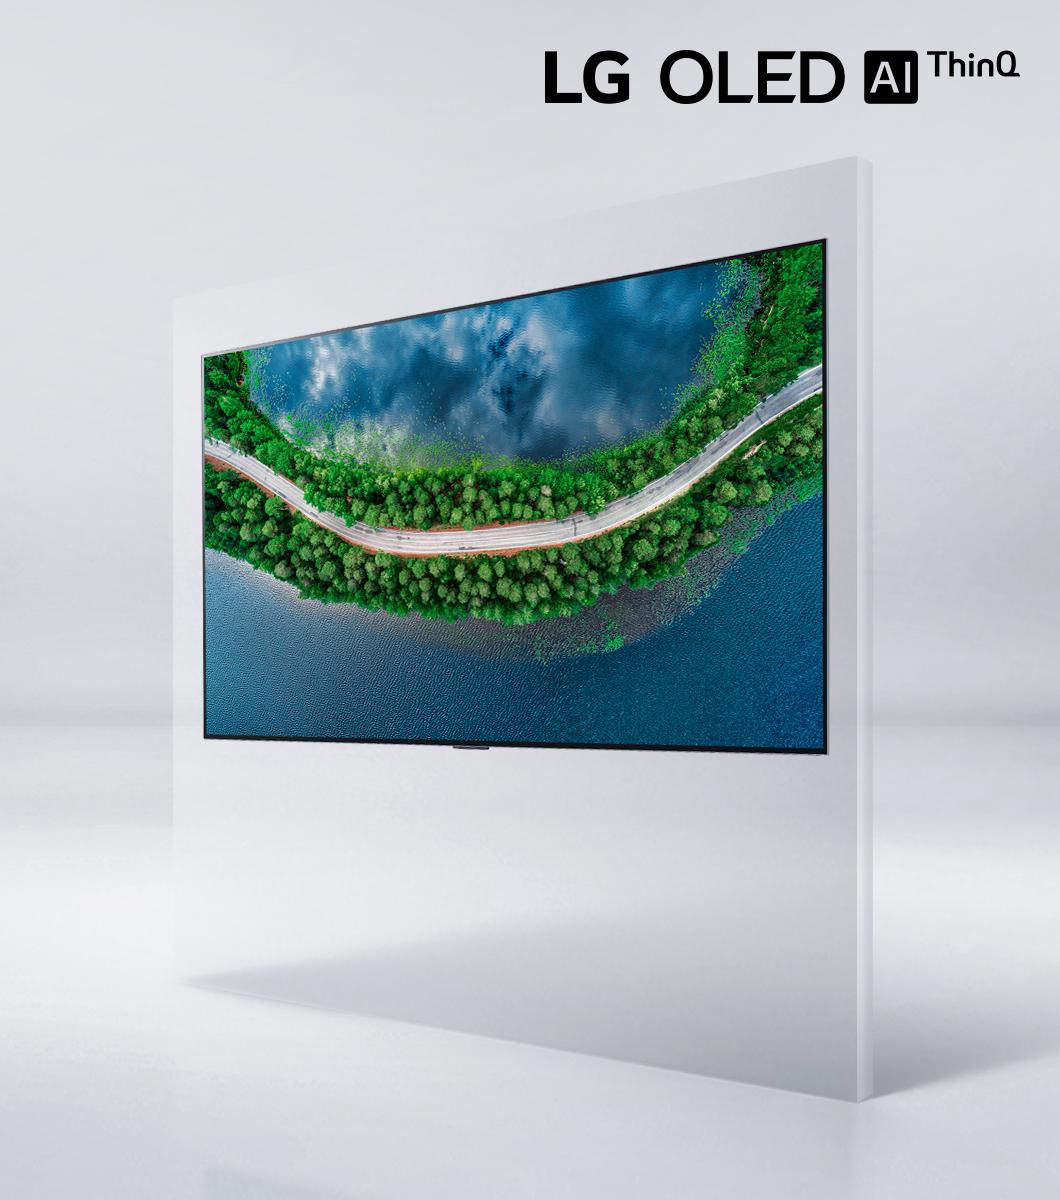 lg oled tv 2020